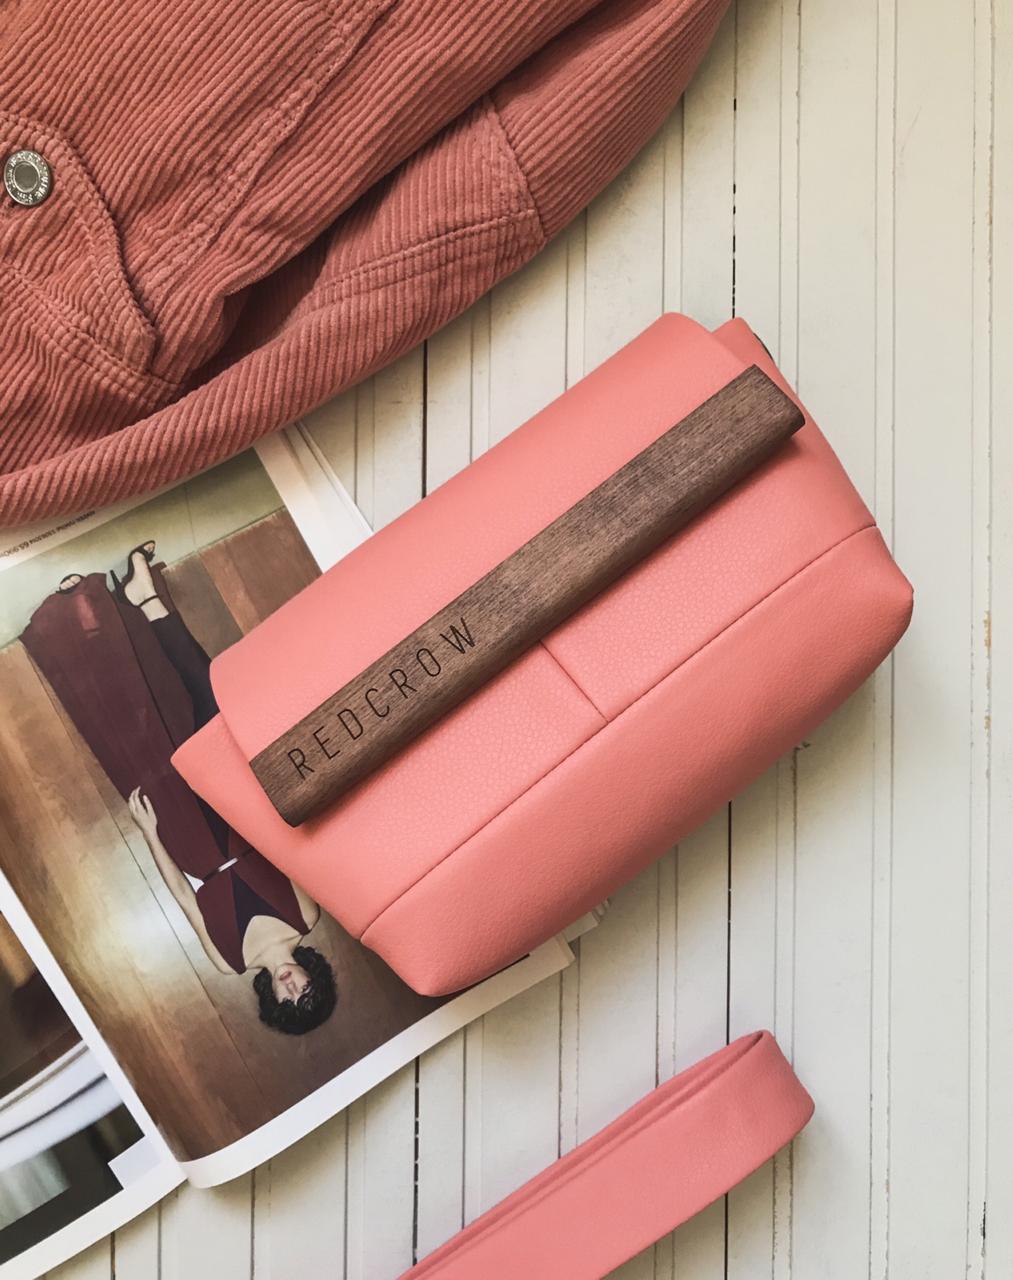 ed3819cdcffa Купить модные женские сумки клатчи на каждый день - REDCROW